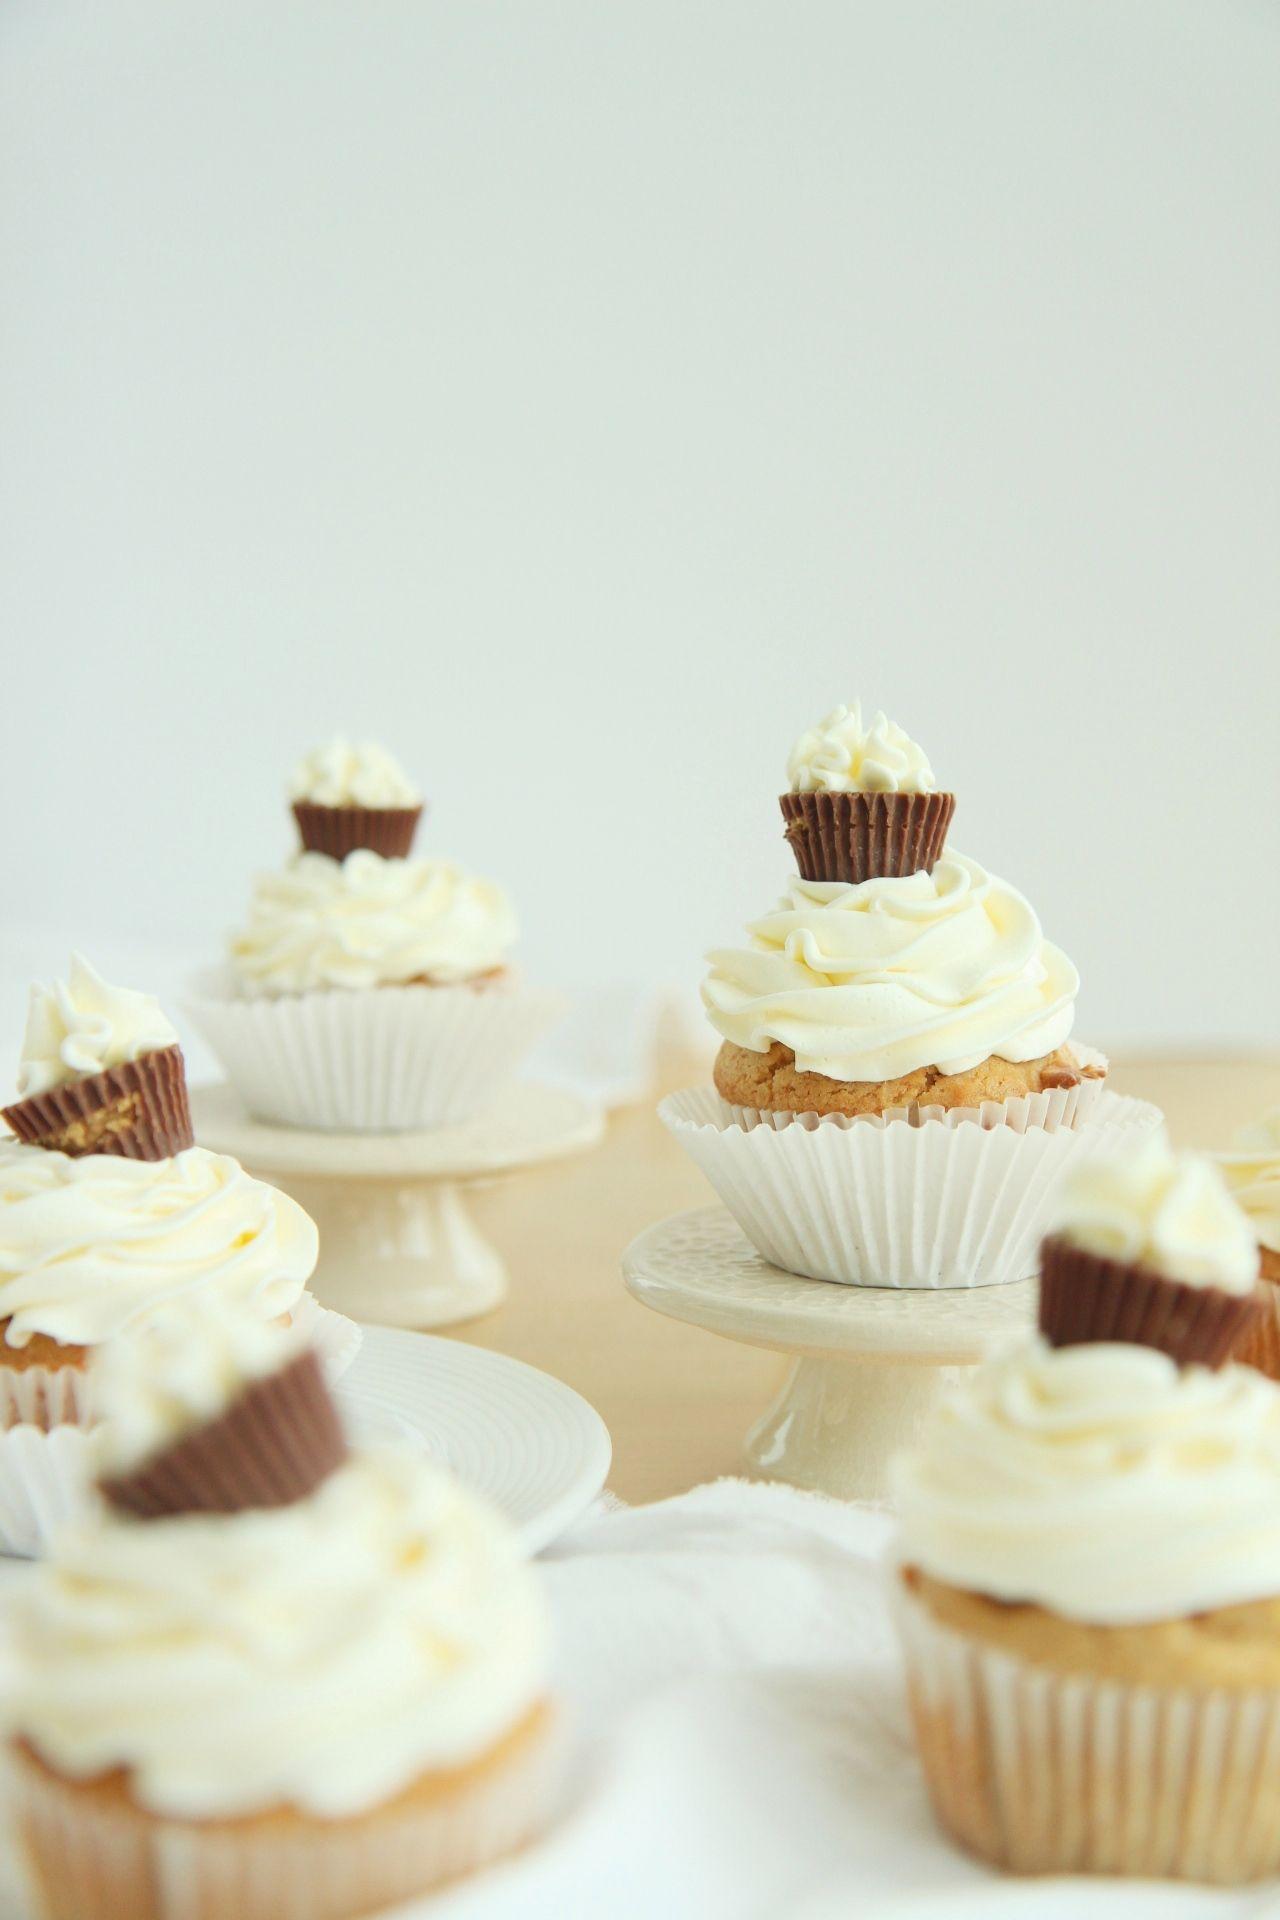 Peanut Butter Me Up Cupcakes - La Pêche Fraîche